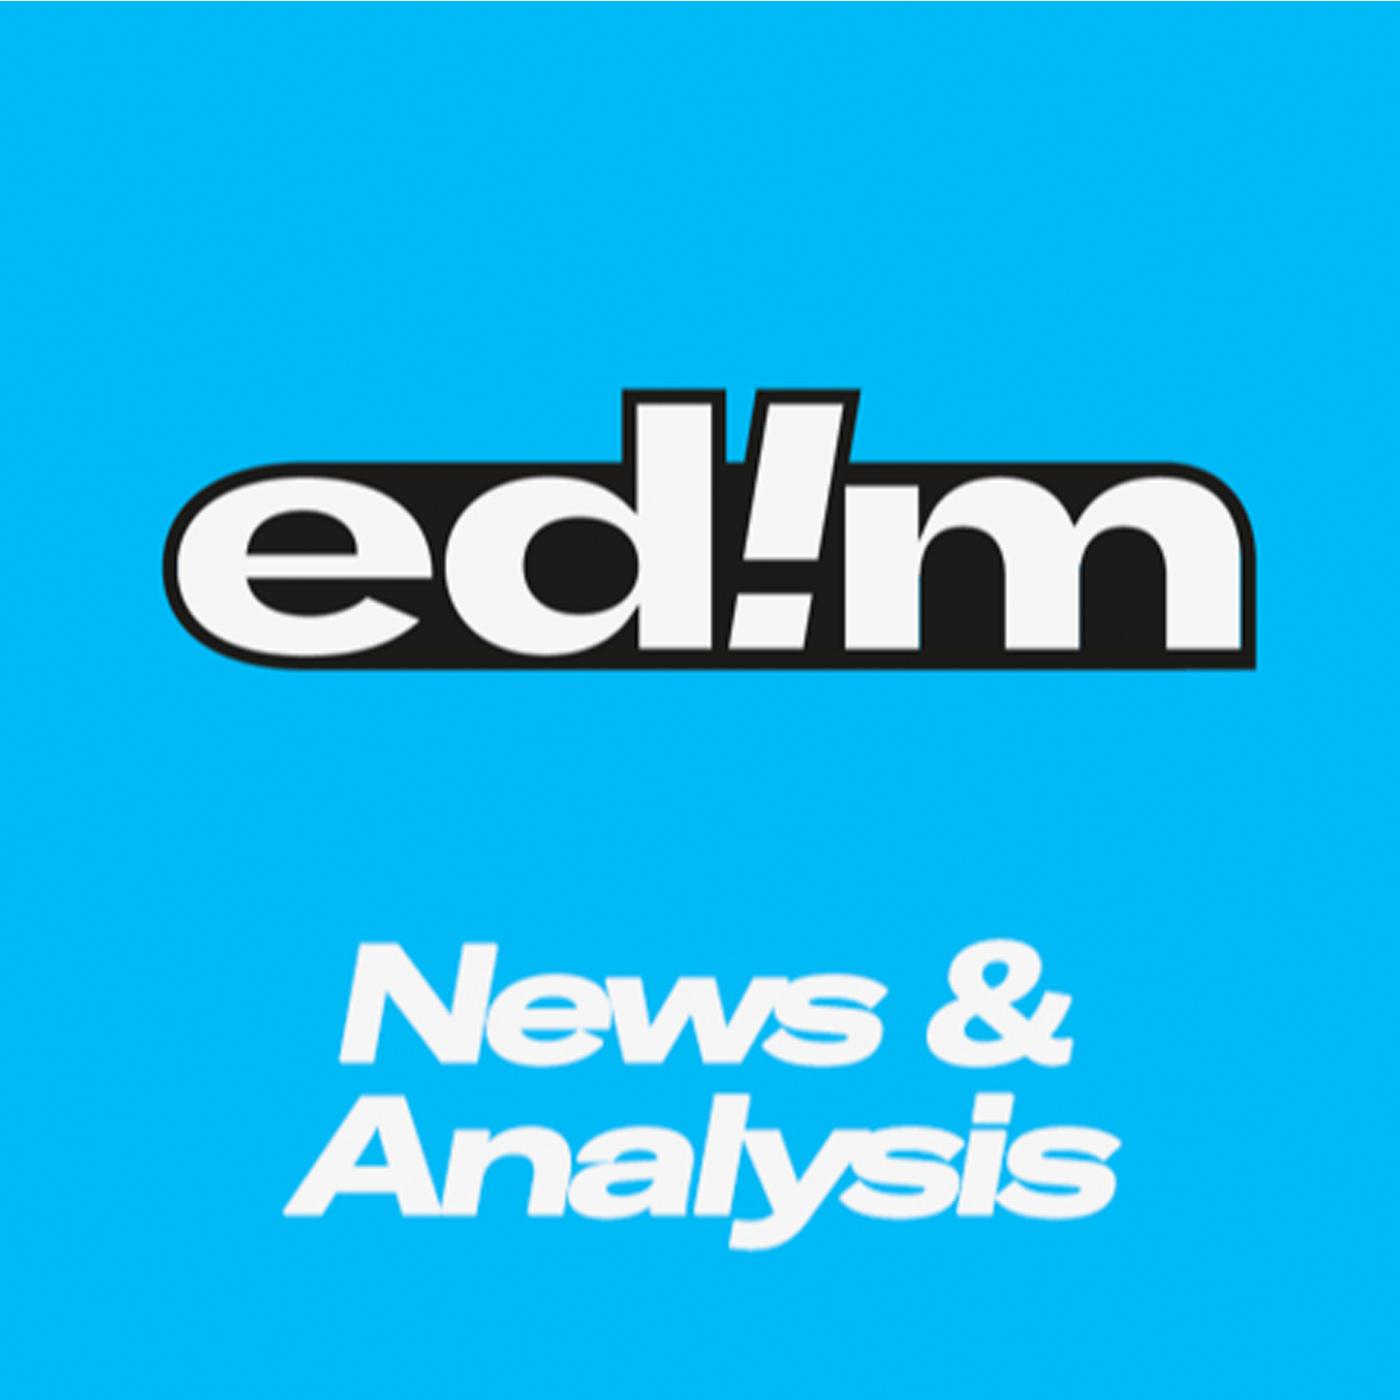 Week 25 — News & Analysis — Comment les DNVB communiquent en période sensible ? (Avec Viviane Lipskier)